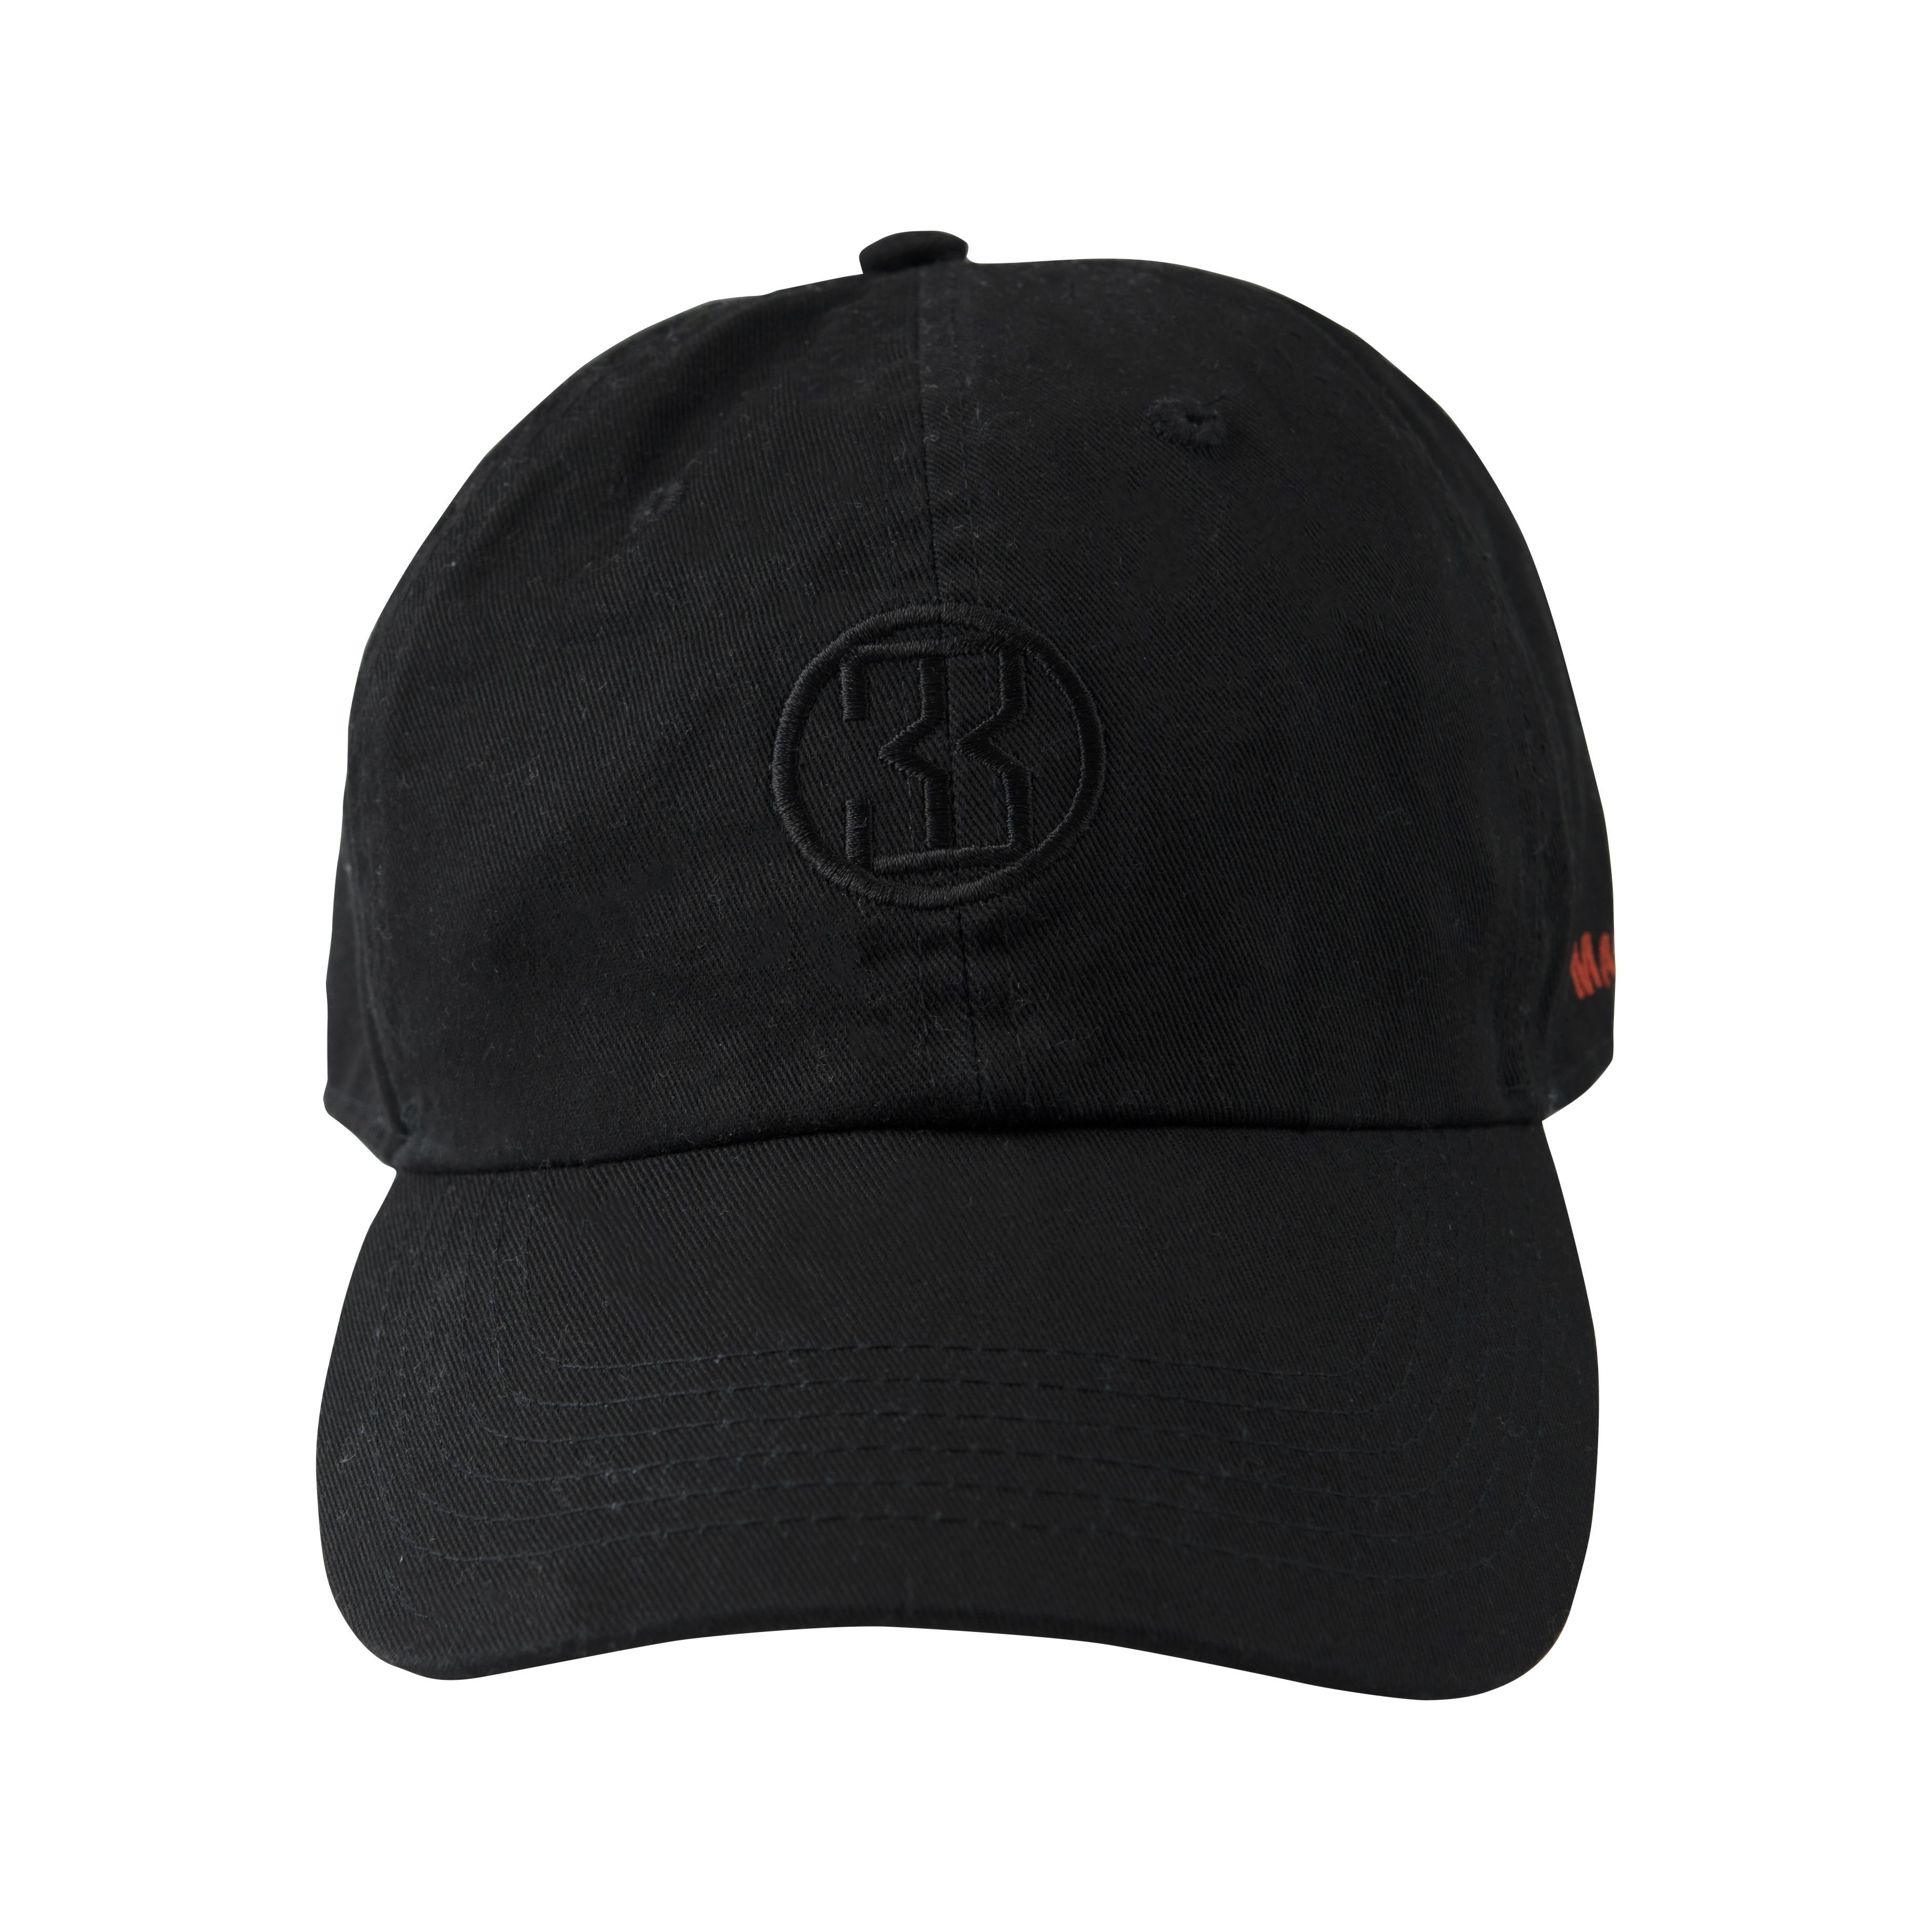 IOM-1 Cap 001(Black)